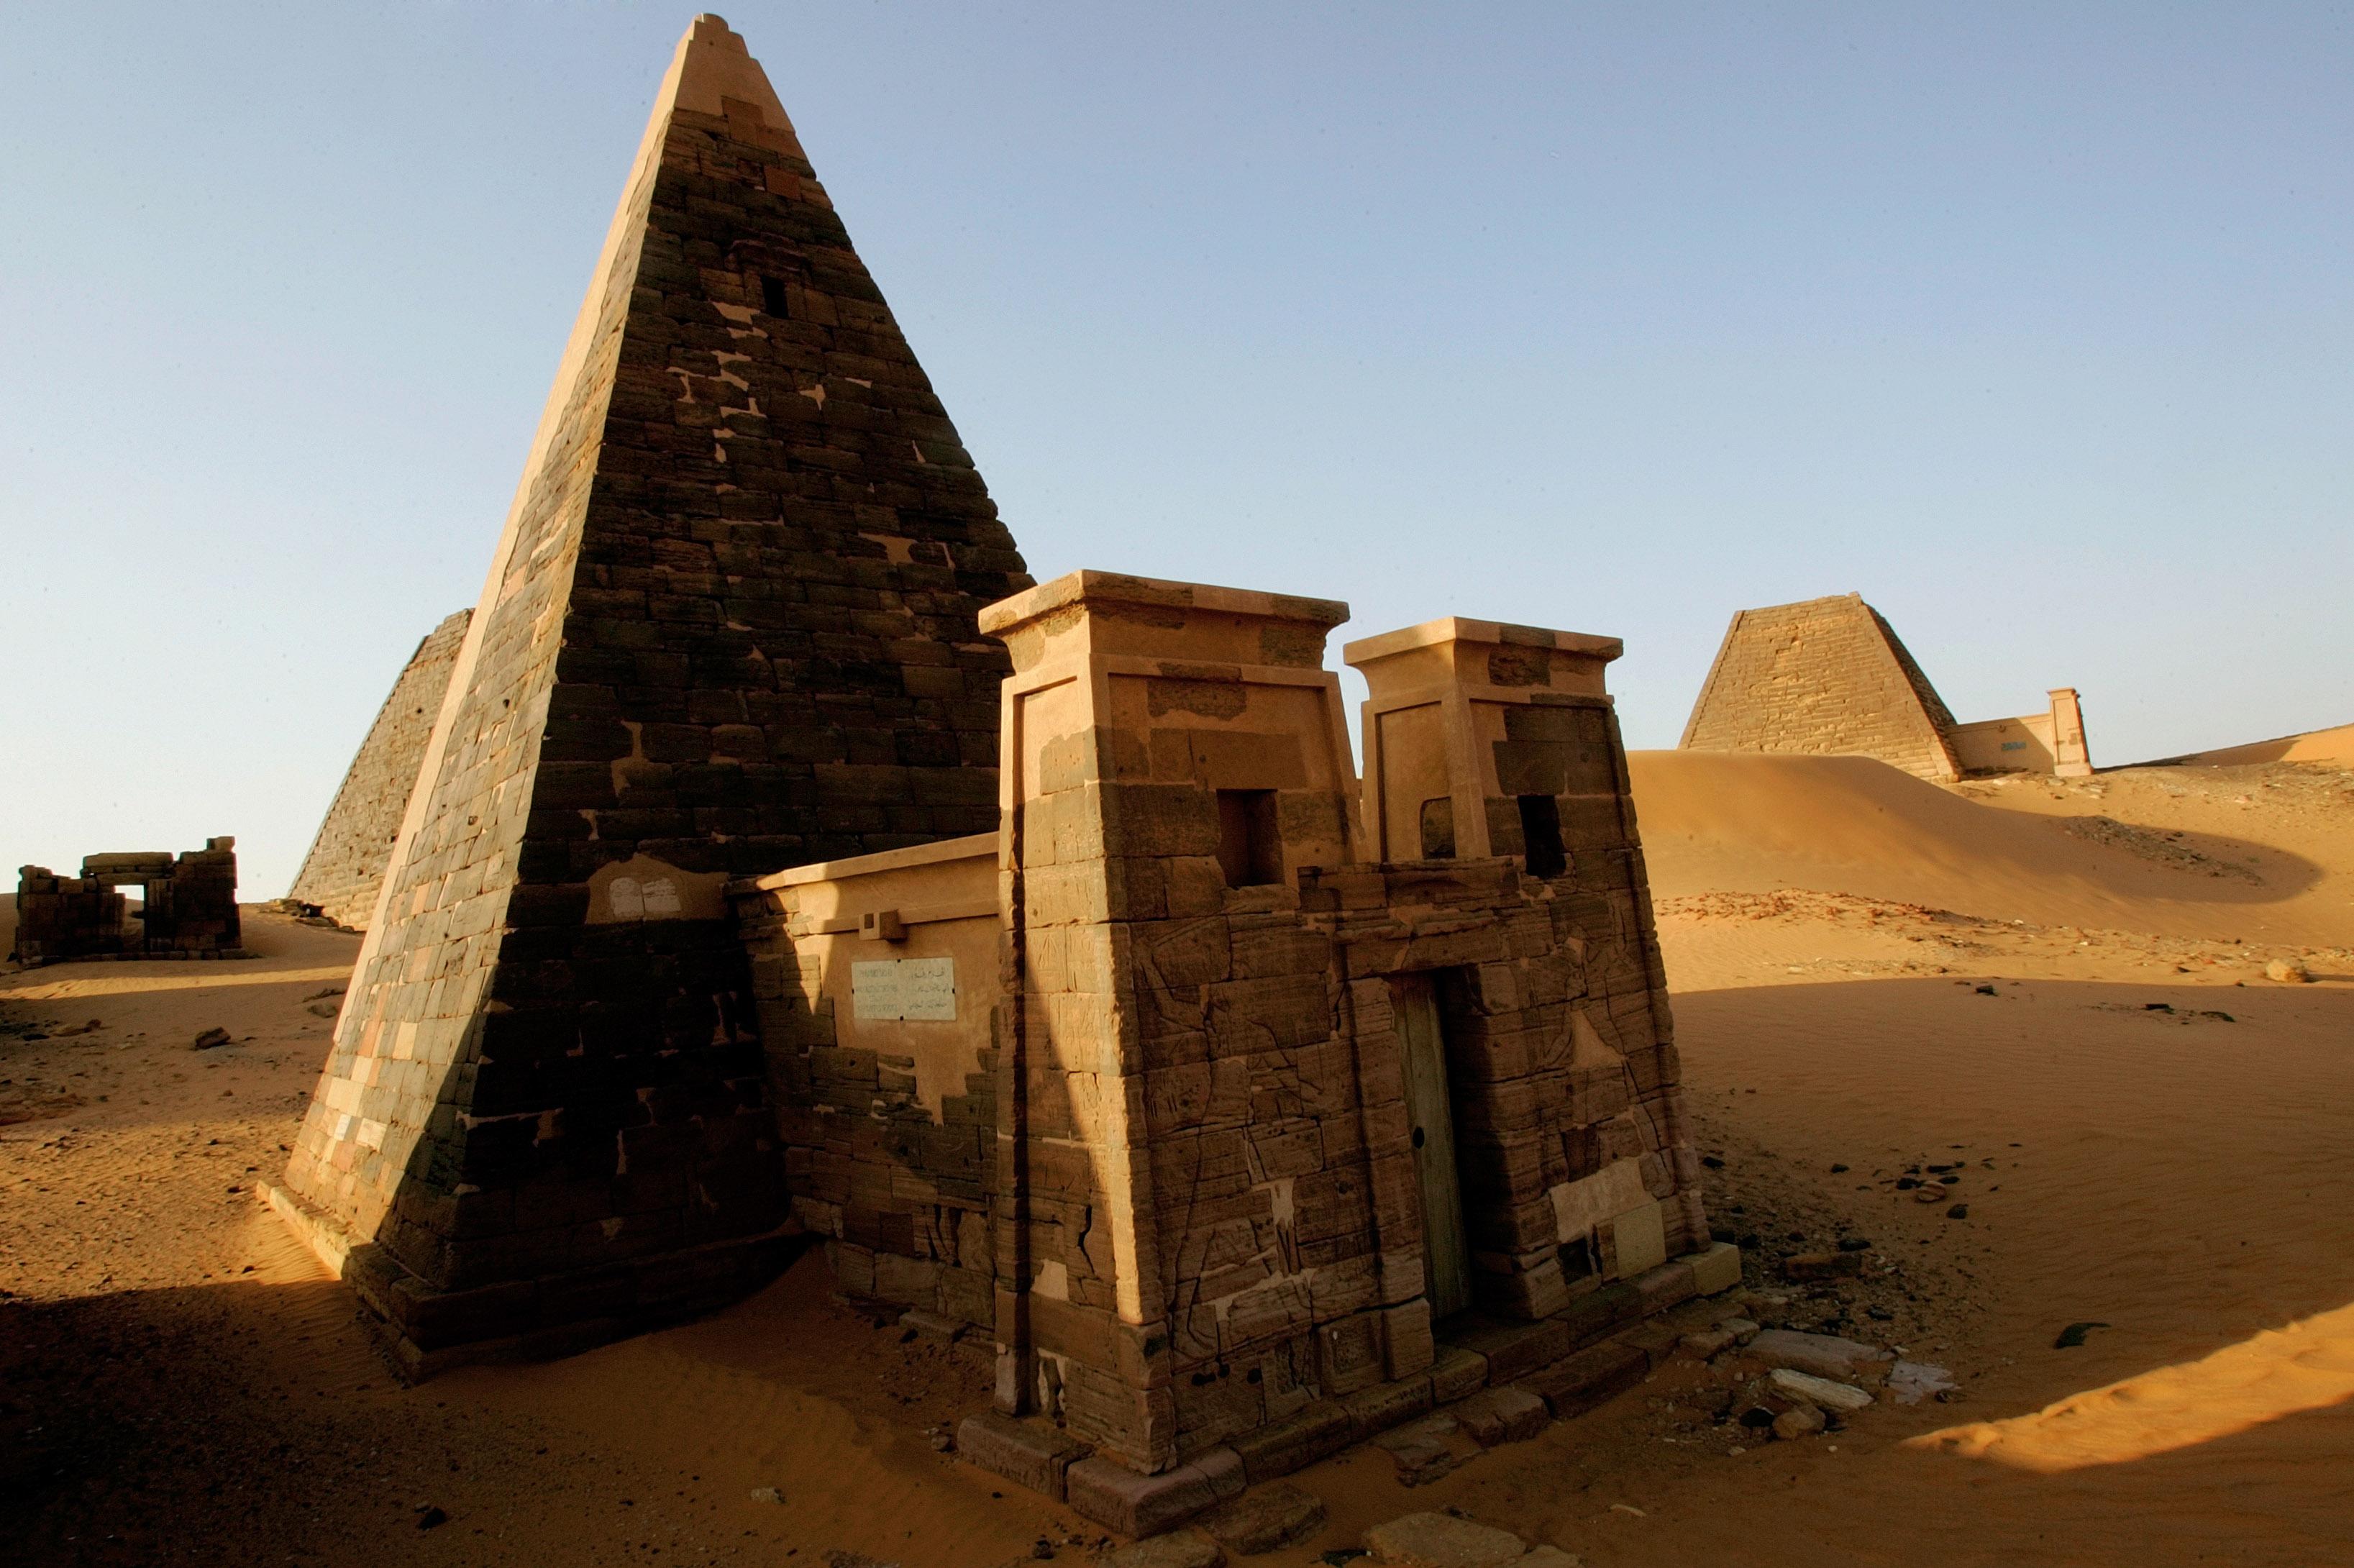 """أهرامات في صحراء مروي، شمالي الخرطوم، بنيت في عهد مملكة """"كوش"""" قبل حوالي 4000 عام"""